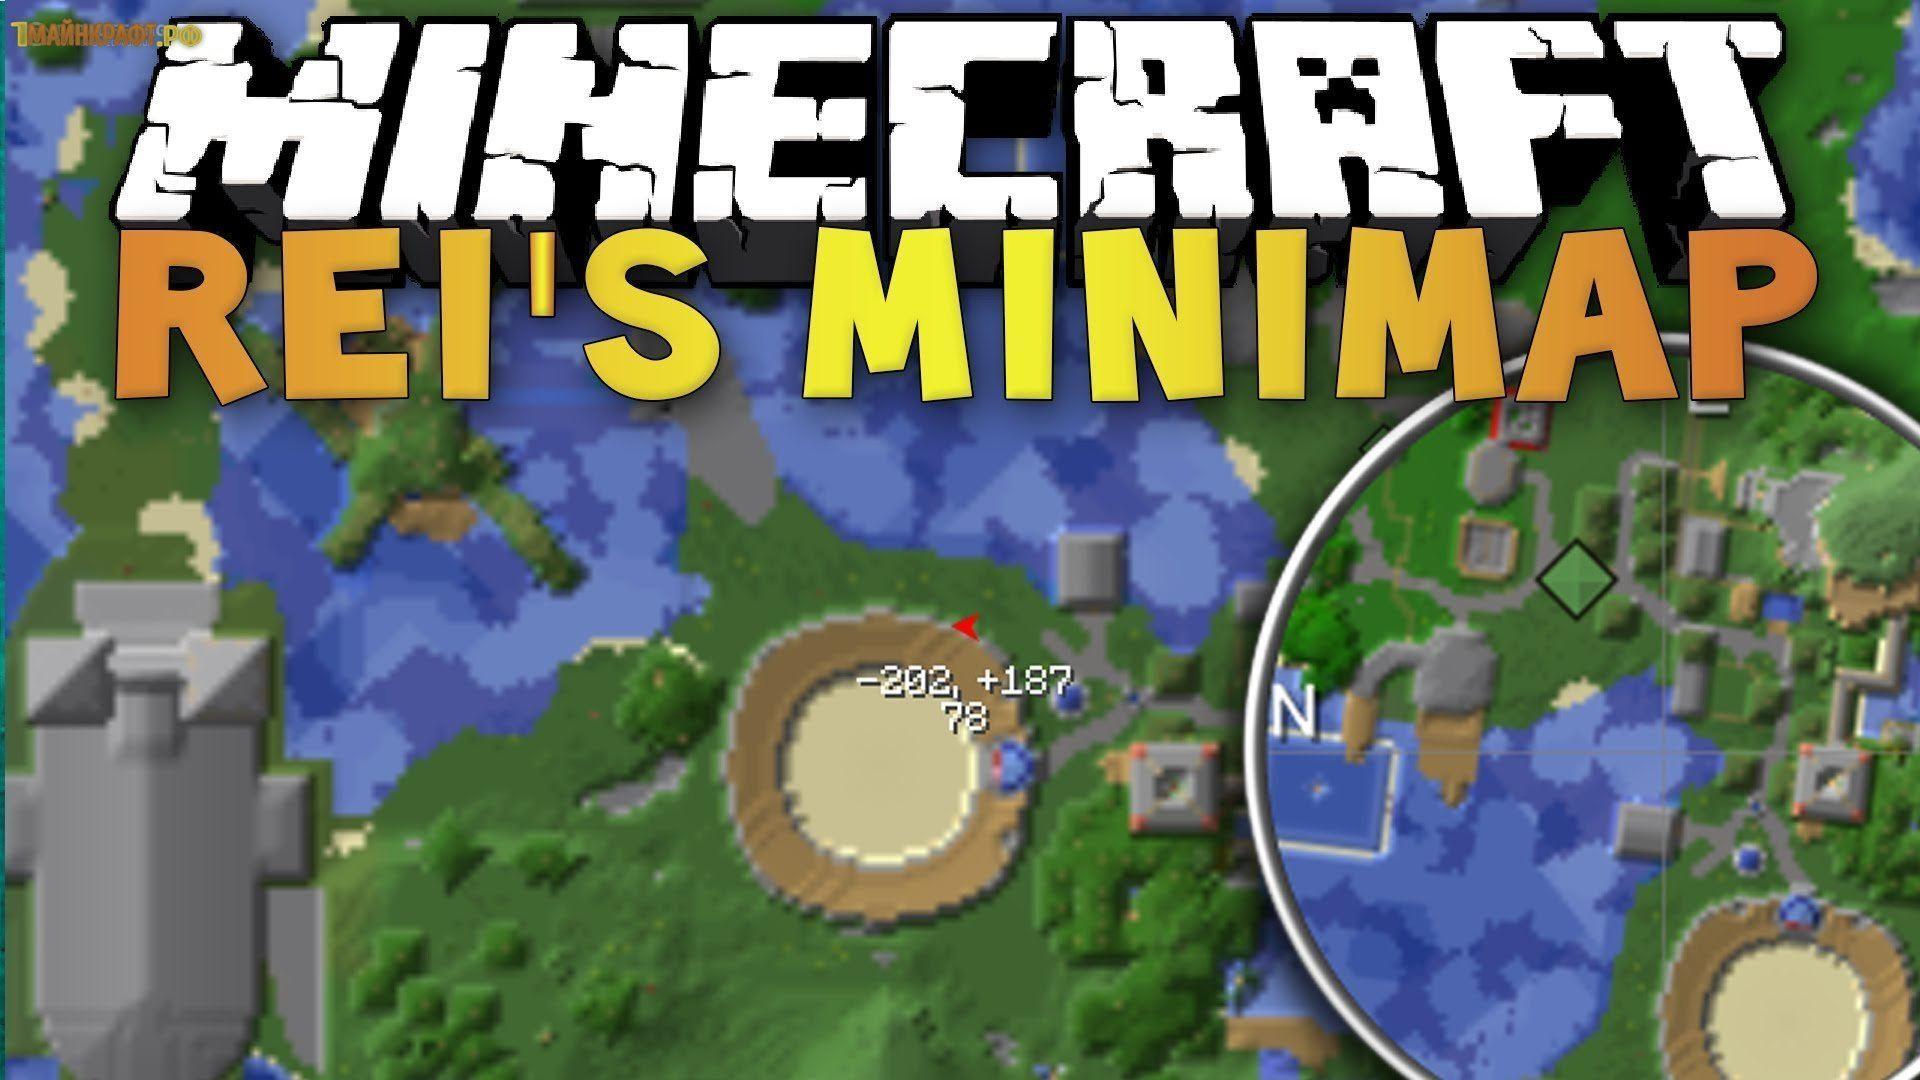 Скачать Rei's Minimap Mod для Minecraft [1.7.10]